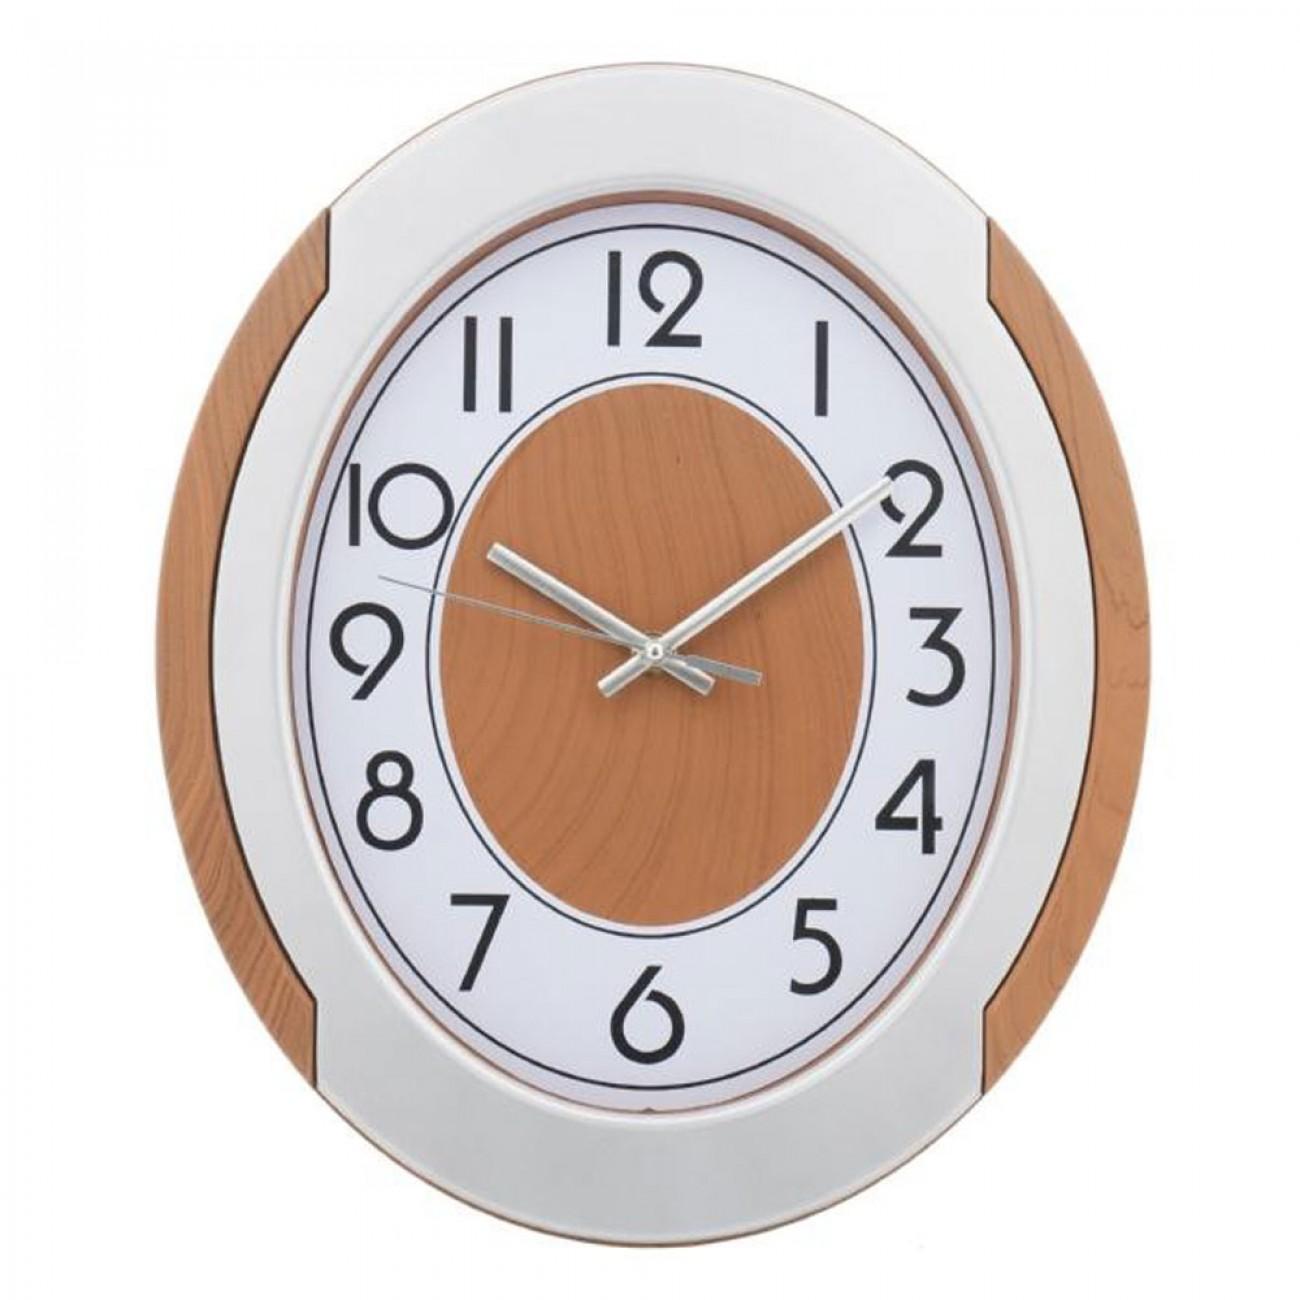 Стенен часовник KingHoff KH 5016, 30х35 см, Аналогов, Кафяв/бял в Стенни часовници - Kinghoff | Alleop